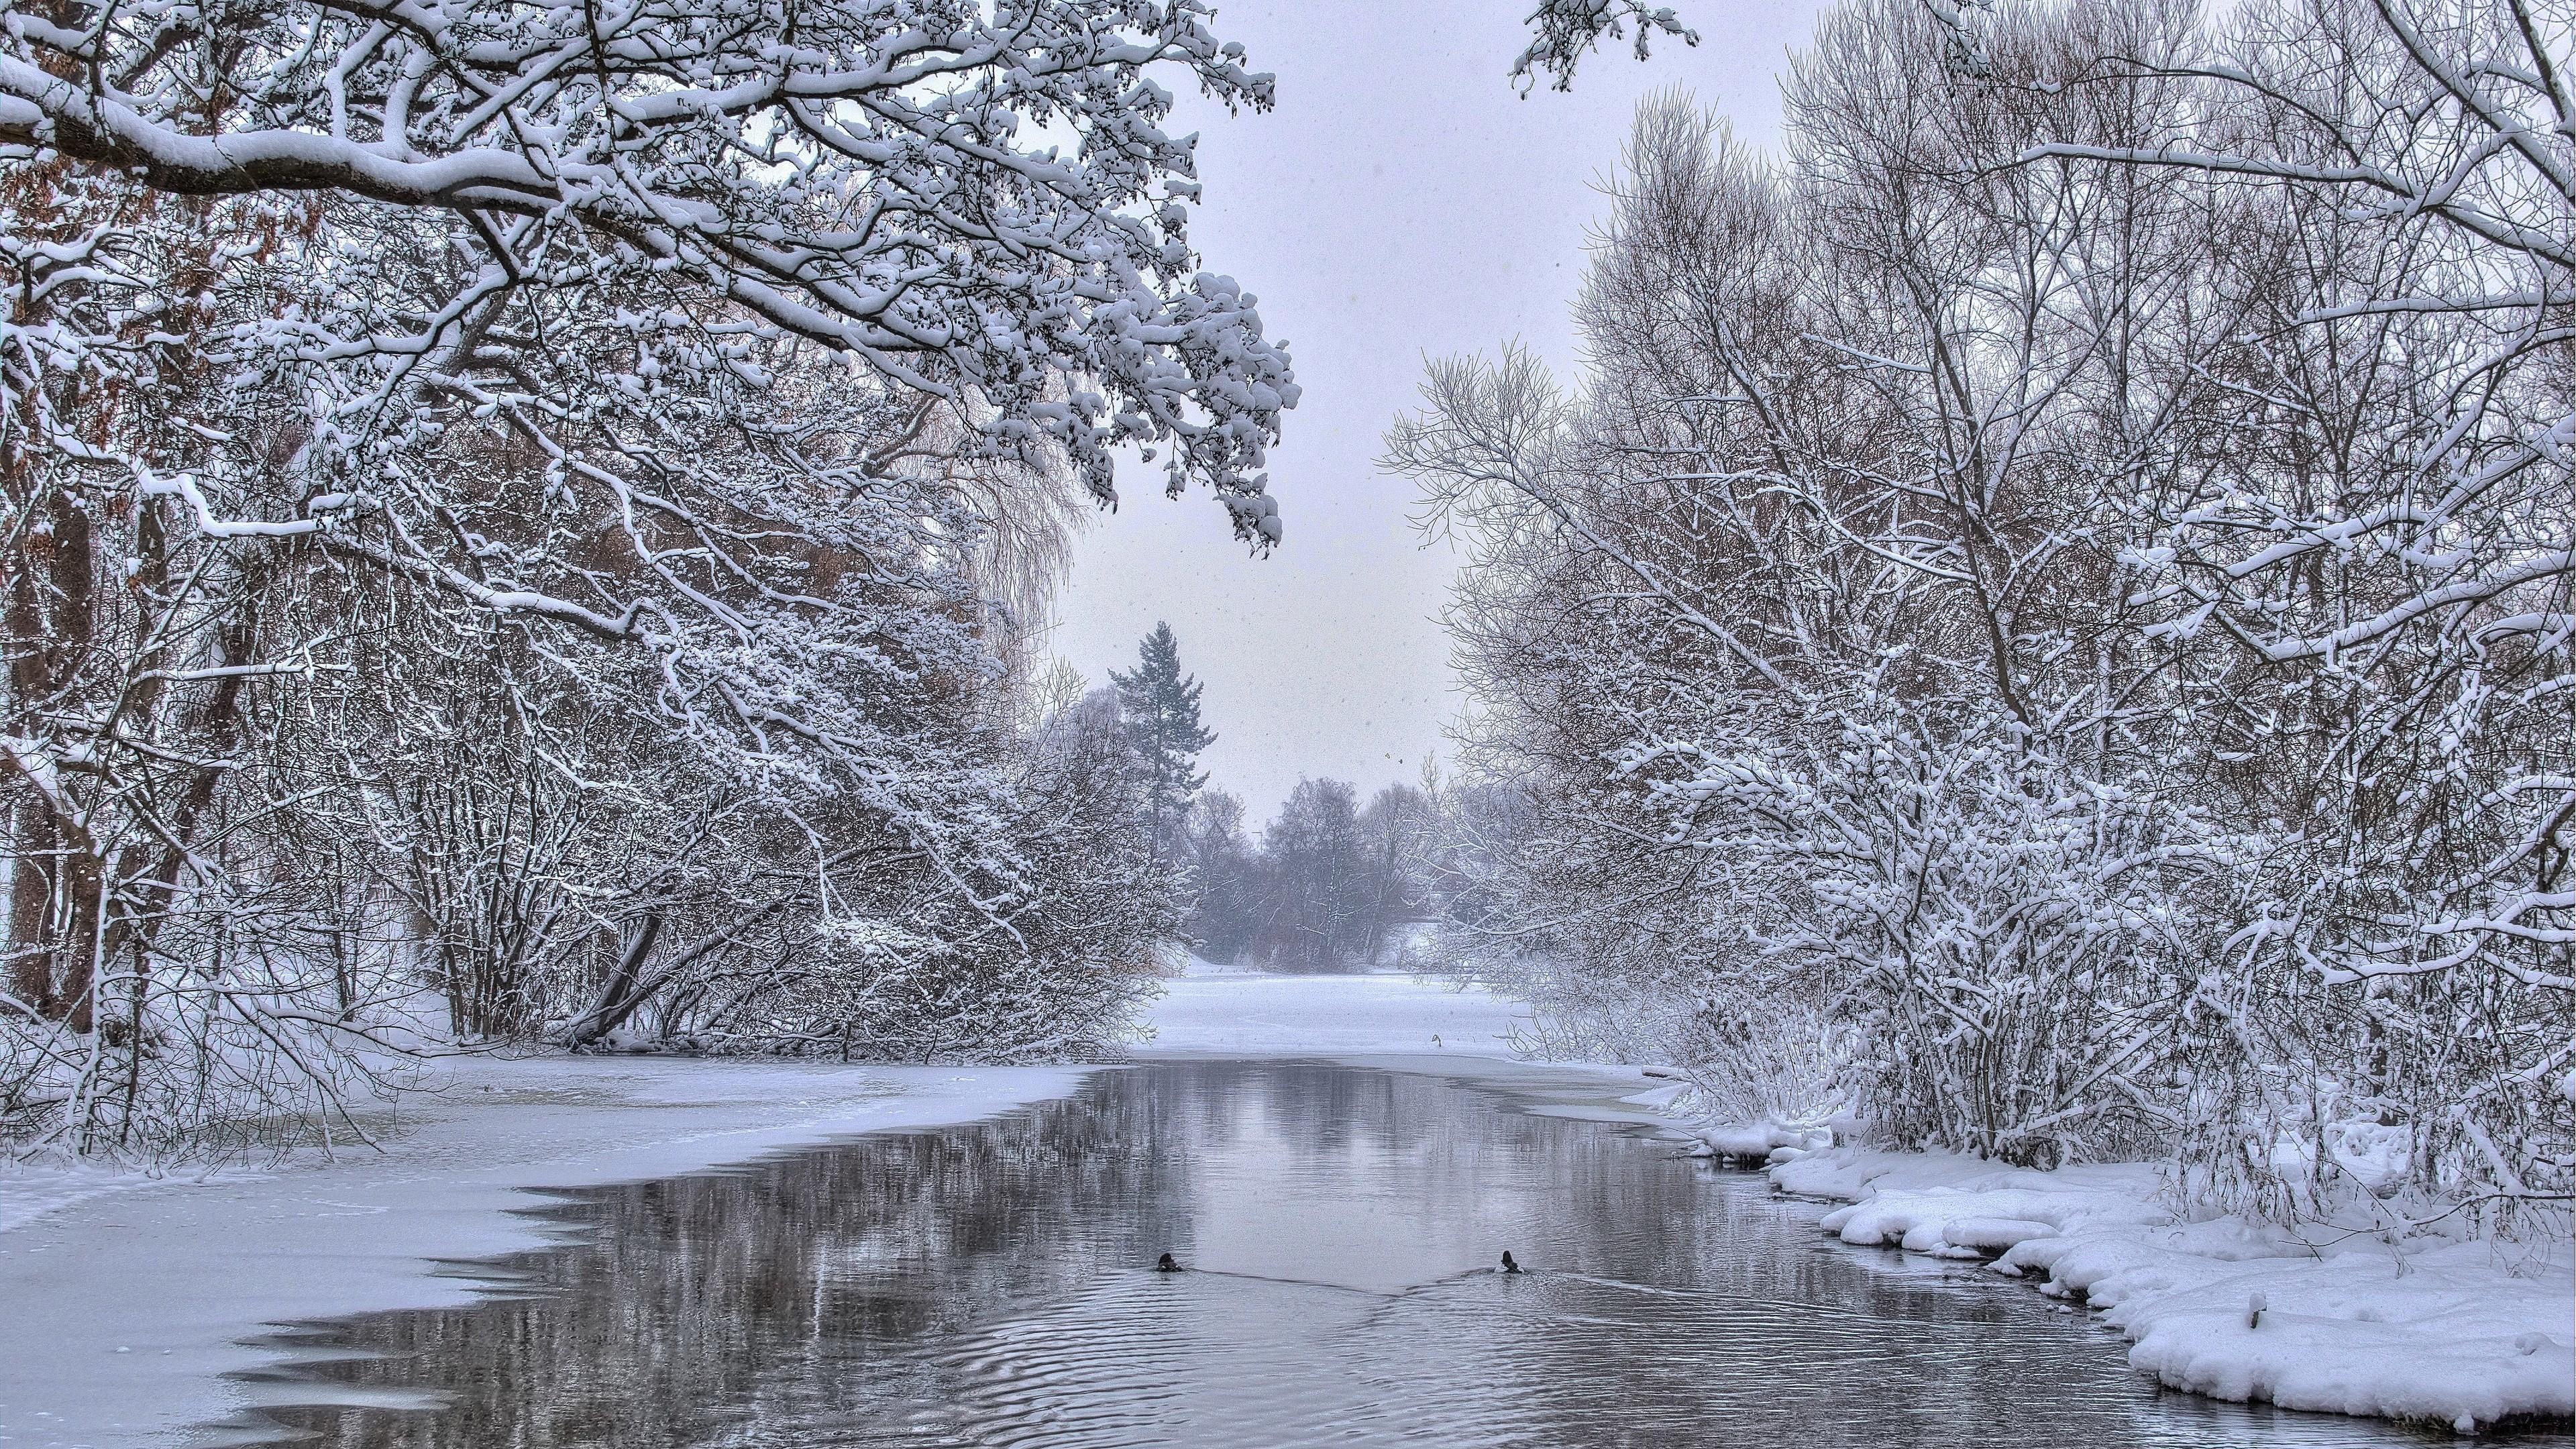 Winter Scene Desktop Background (51+ pictures)